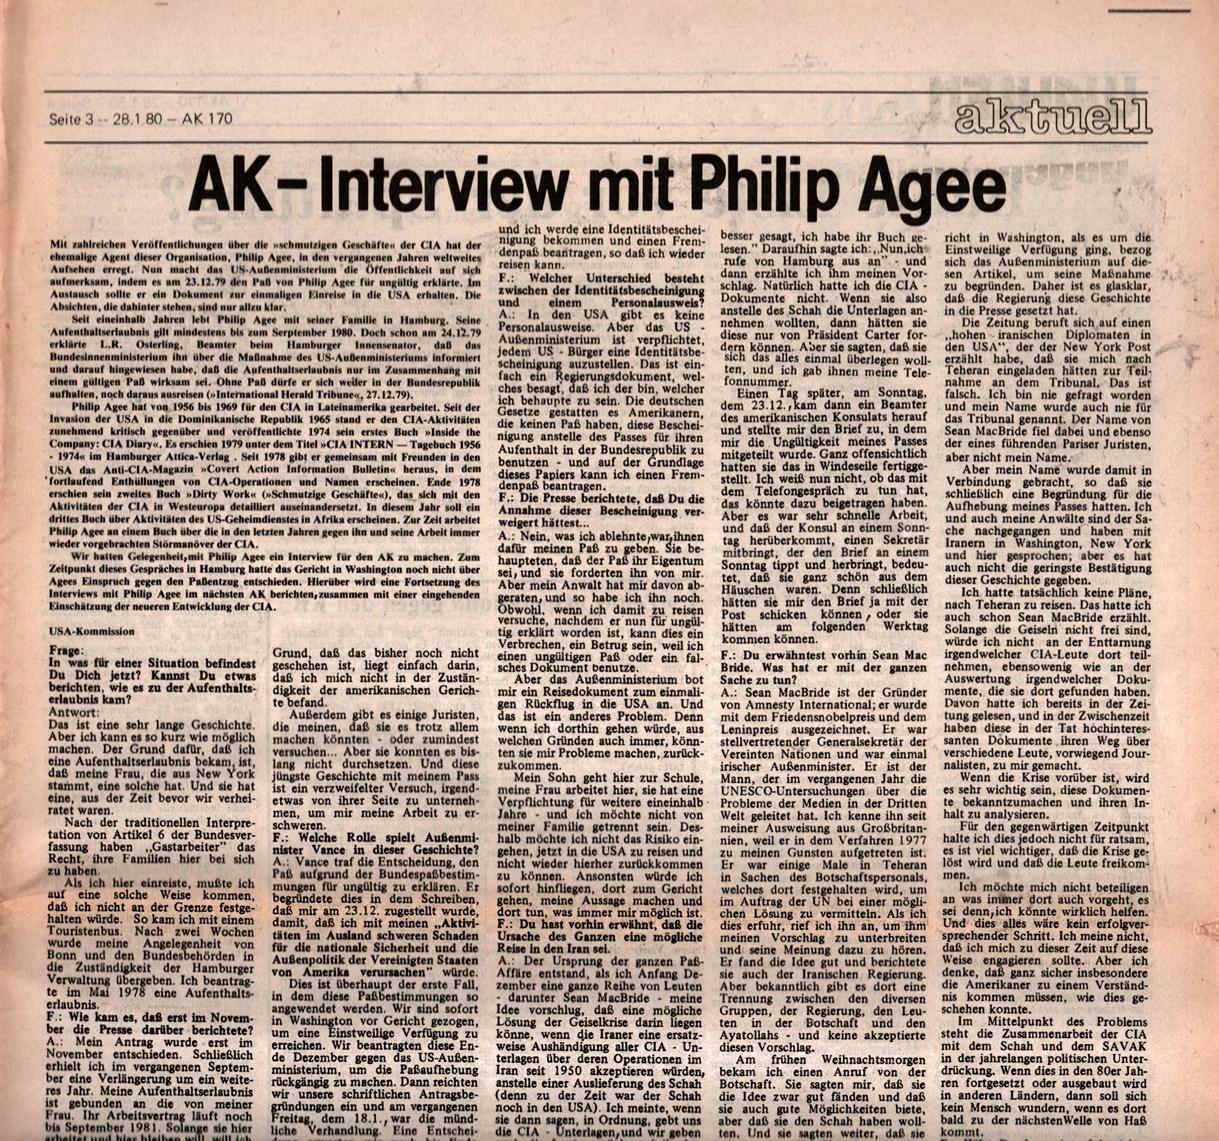 KB_AK_1980_170_005